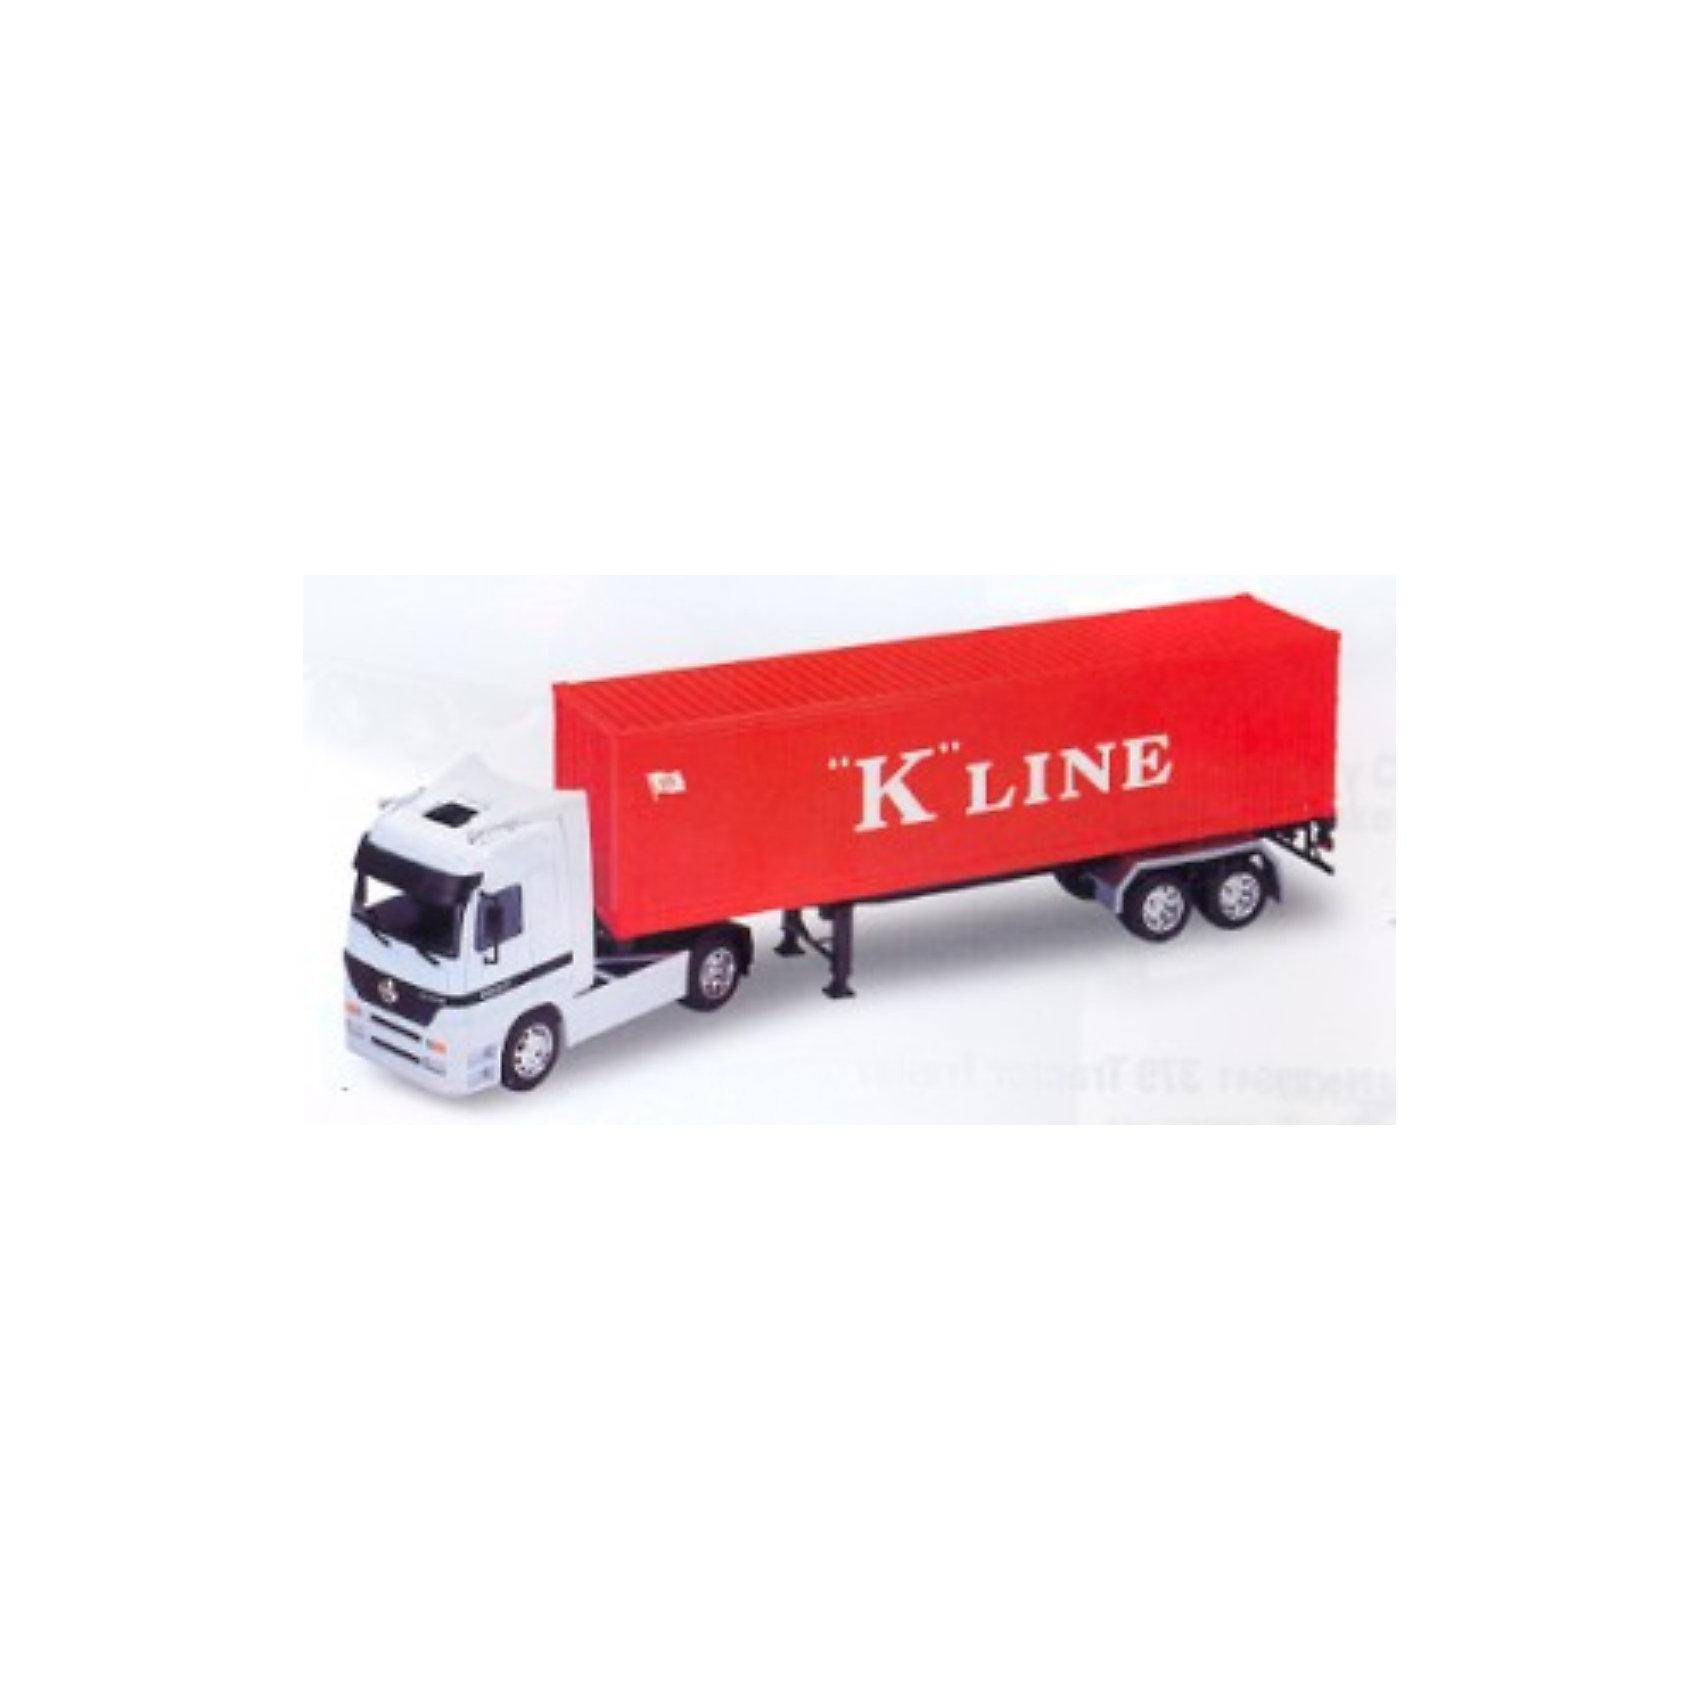 Welly Модель грузовика 1:32 Mercedes Benz Actros (прицеп)Модель седельного тягача c полупирцепом.<br><br>Модель инерционная, передние двери открываются.<br><br>Дополнительная информация:<br><br>Масштаб: 1:32.<br>Материал: металл, пластик.<br>Размер упаковки (д/ш/в): 61 х 11,5 х 17,5 см.<br><br>Ширина мм: 610<br>Глубина мм: 115<br>Высота мм: 175<br>Вес г: 1635<br>Возраст от месяцев: 84<br>Возраст до месяцев: 1188<br>Пол: Мужской<br>Возраст: Детский<br>SKU: 2150029